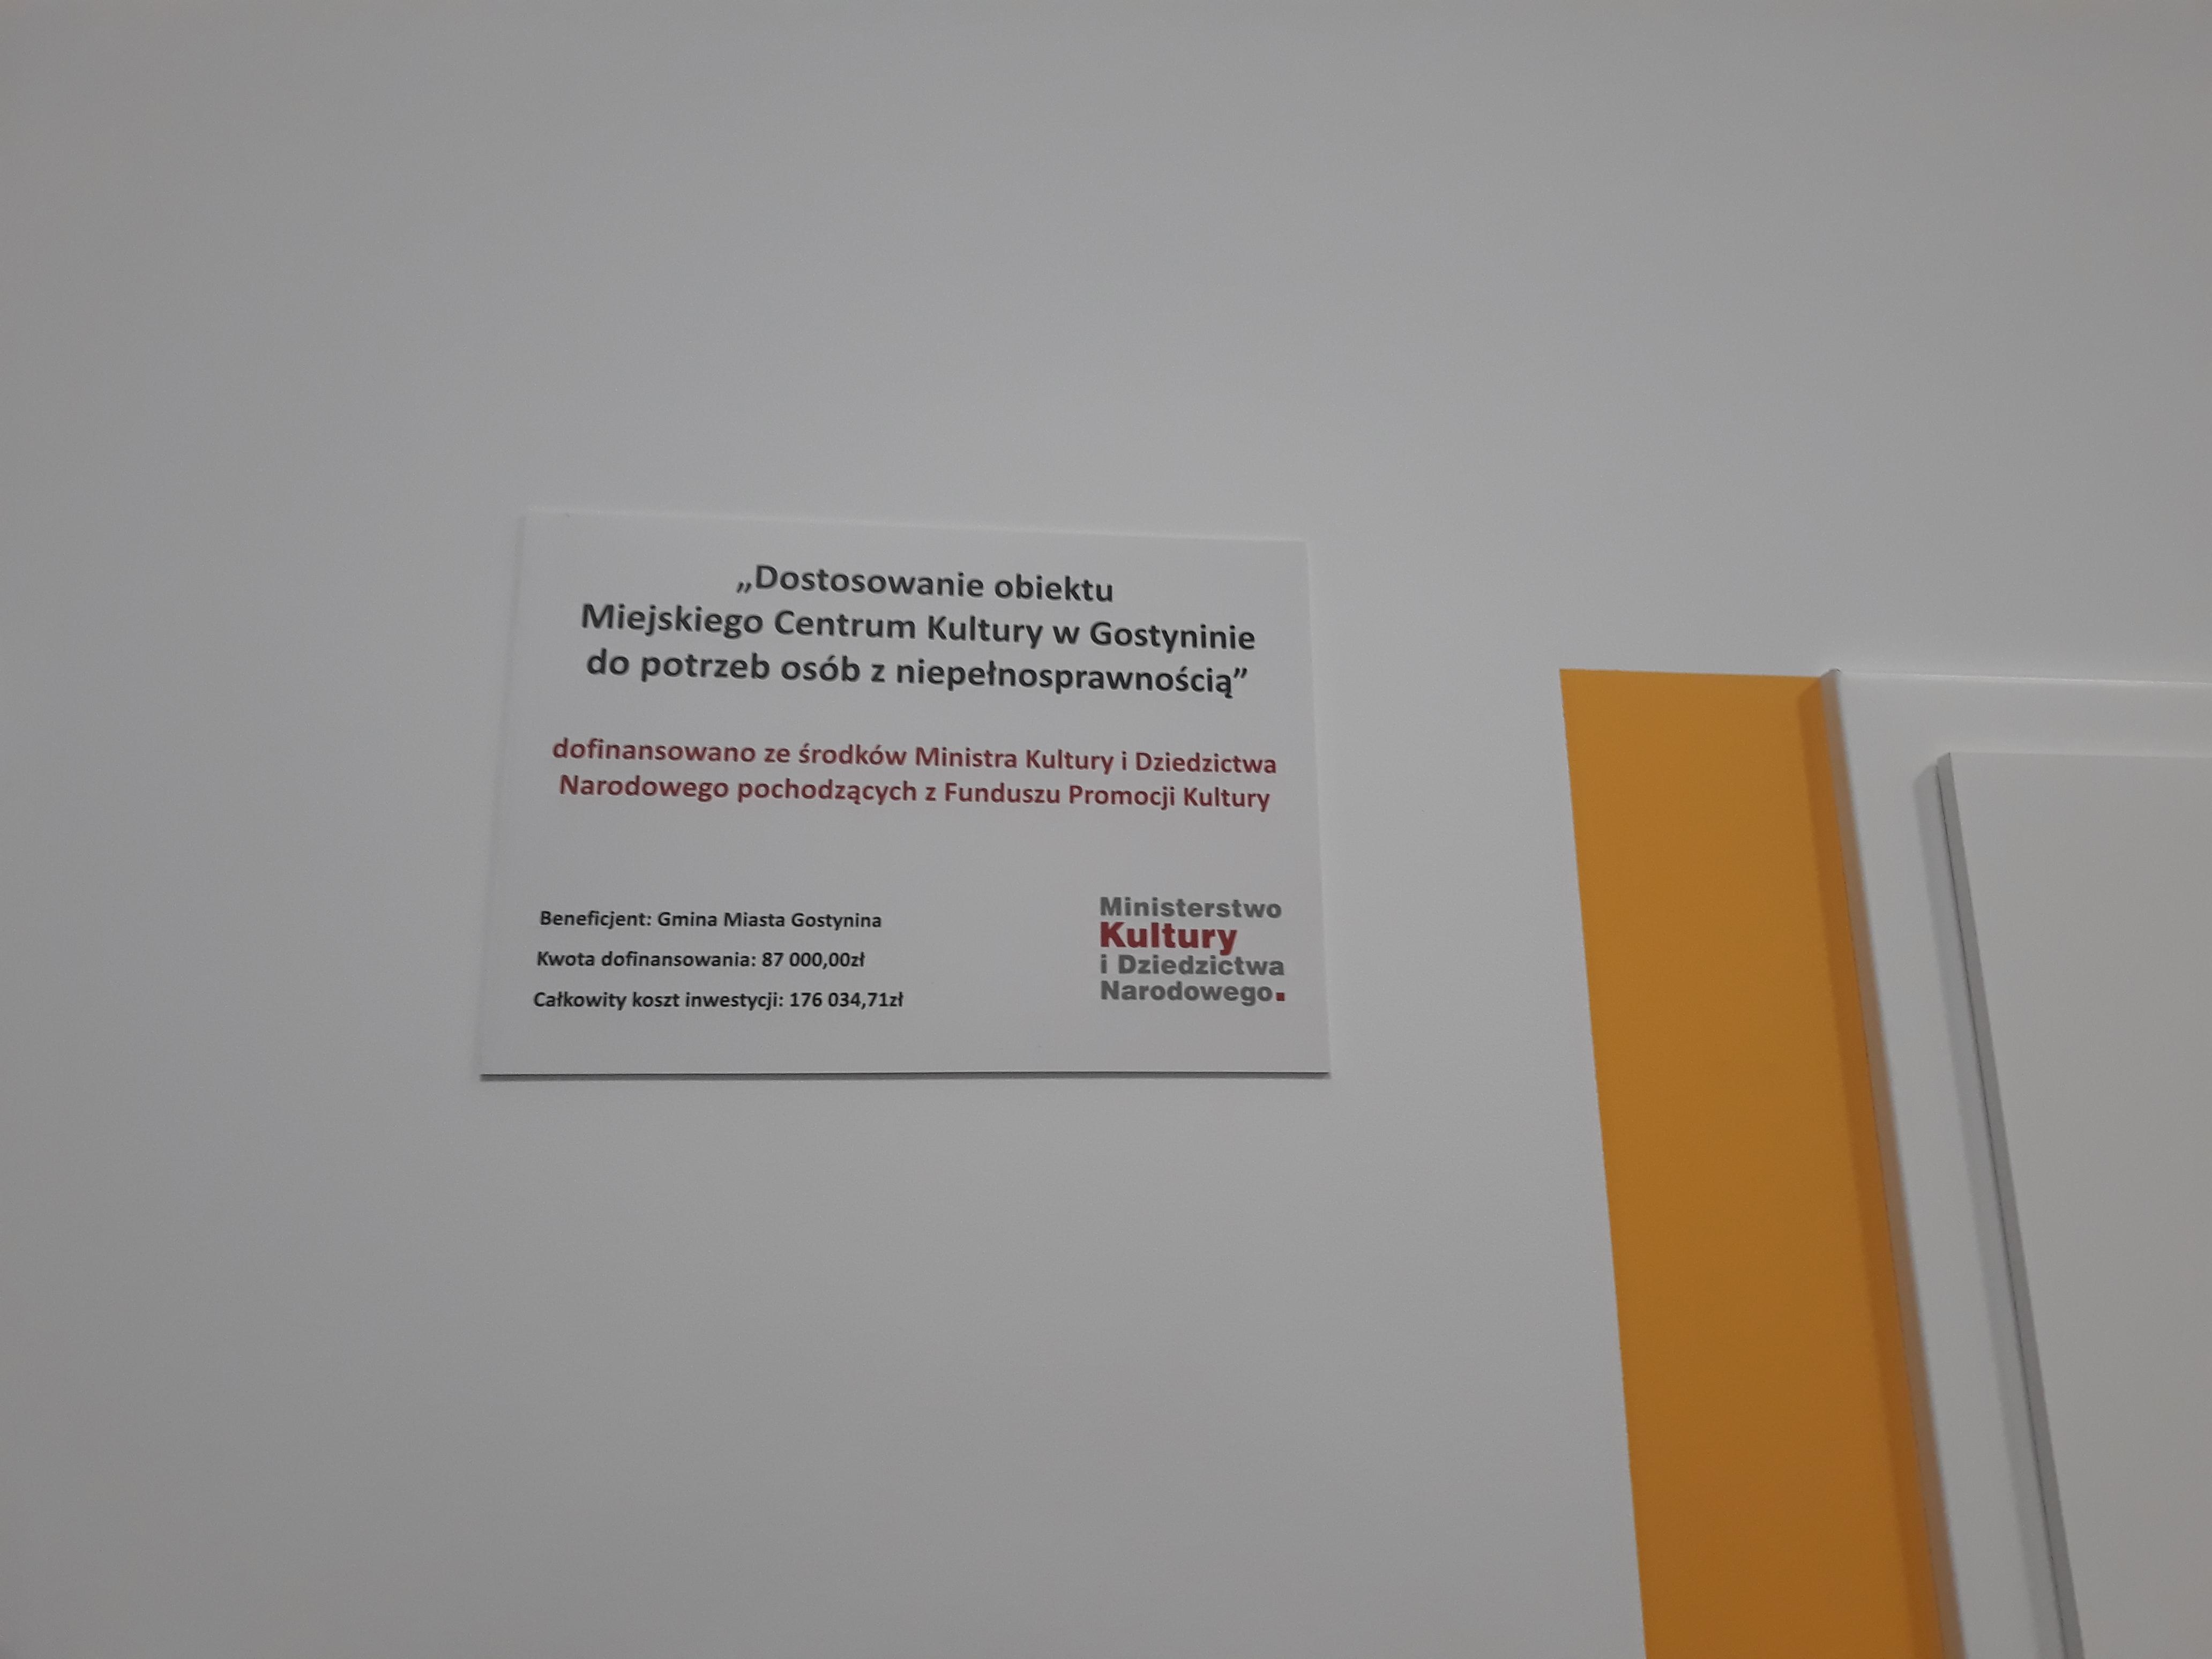 Dostosowanie obiektu Miejskiego Centrum Kultury w Gostyninie  do potrzeb osób z niepełnosprawnością